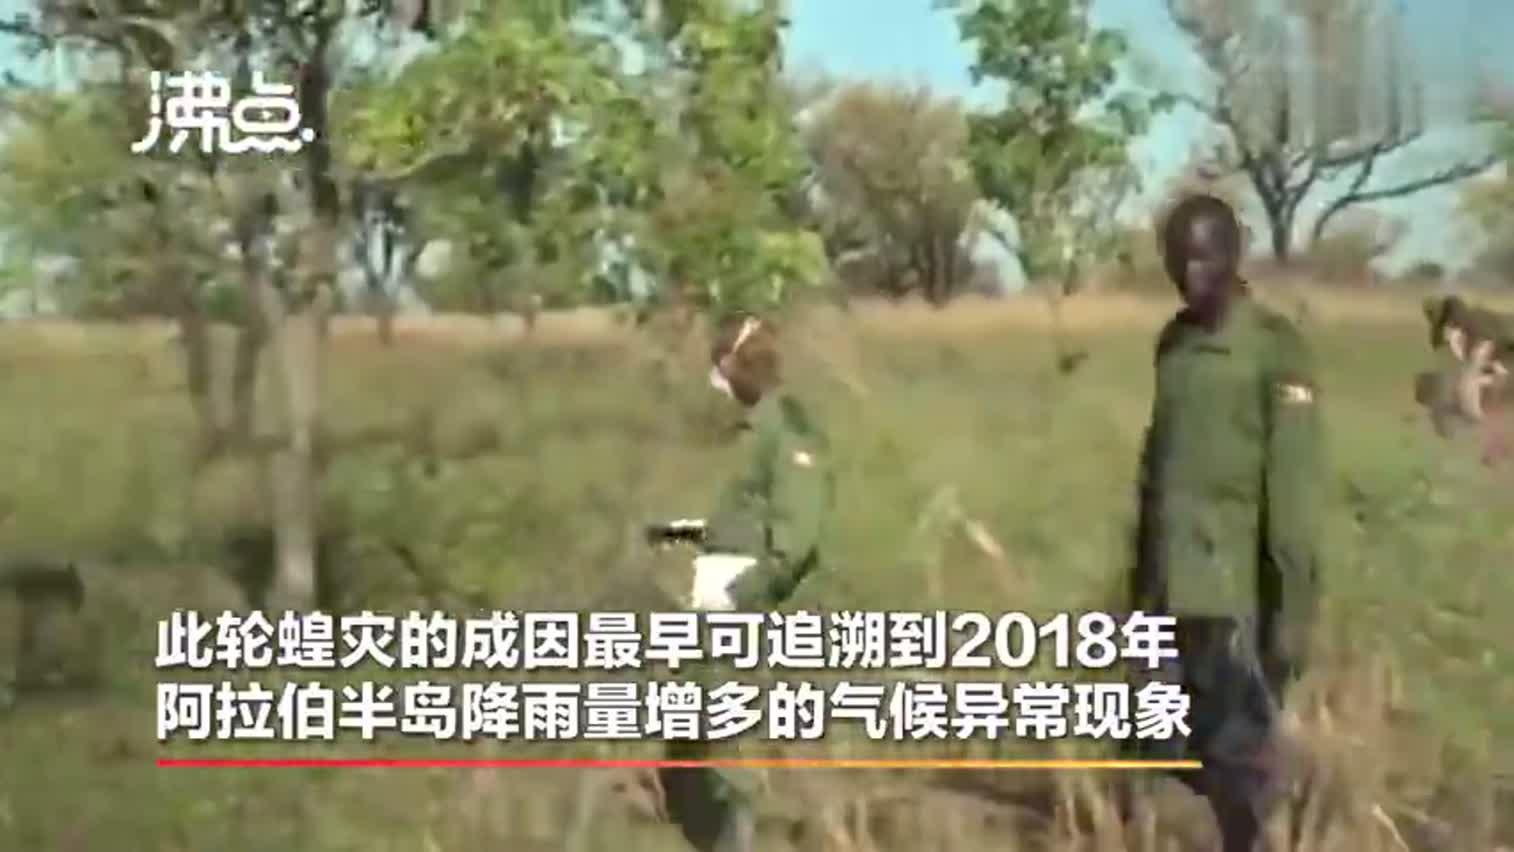 视频-蝗灾肆虐! 专家担忧:6月沙漠蝗虫数量将增